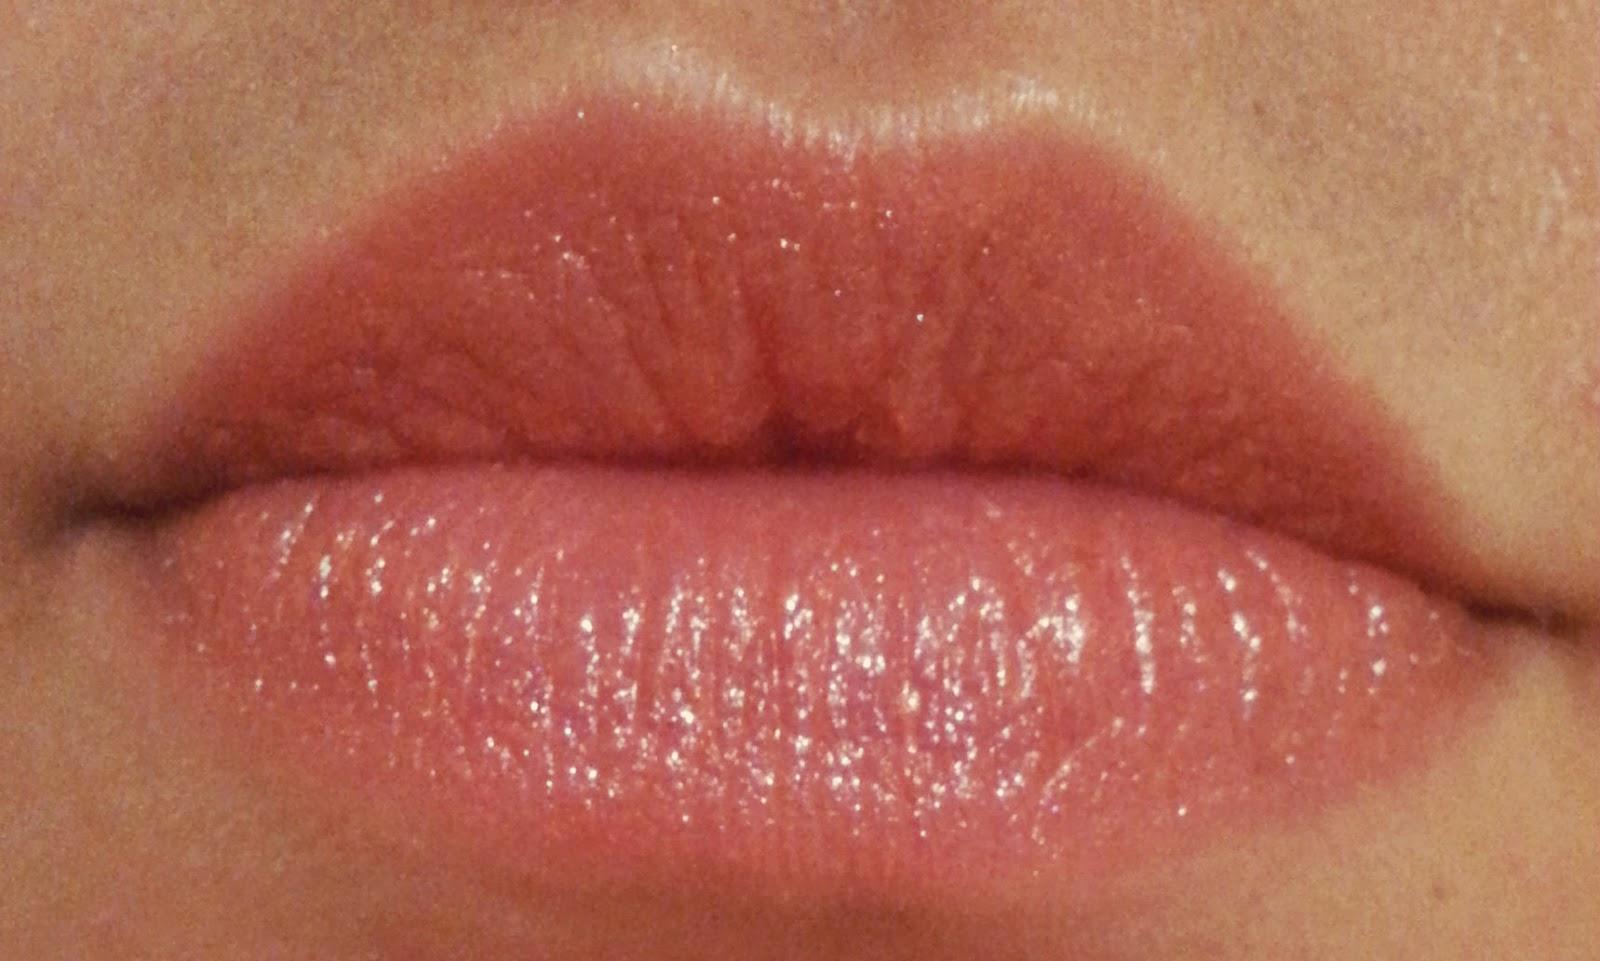 **พร้อมส่ง**Tory Burch Lip Color เบอร์ 03 Pretty Baby โทนสีส้มพีช ลิปสติกแพคเกจสีส้มสุดเลิศหรู ที่ผู้หญิงต้องตกหลุมรัก เนื้อลิปสติกเป็นเนื้อเชียร์ ที่ให้เนื้อสัมผัสเข้มข้น แต่ให้ความรู้สึกบางเบา มีกลิ่นหอมอ่อนบางของกลิ่น Cassic, Grapefruit และ Madarin จาก